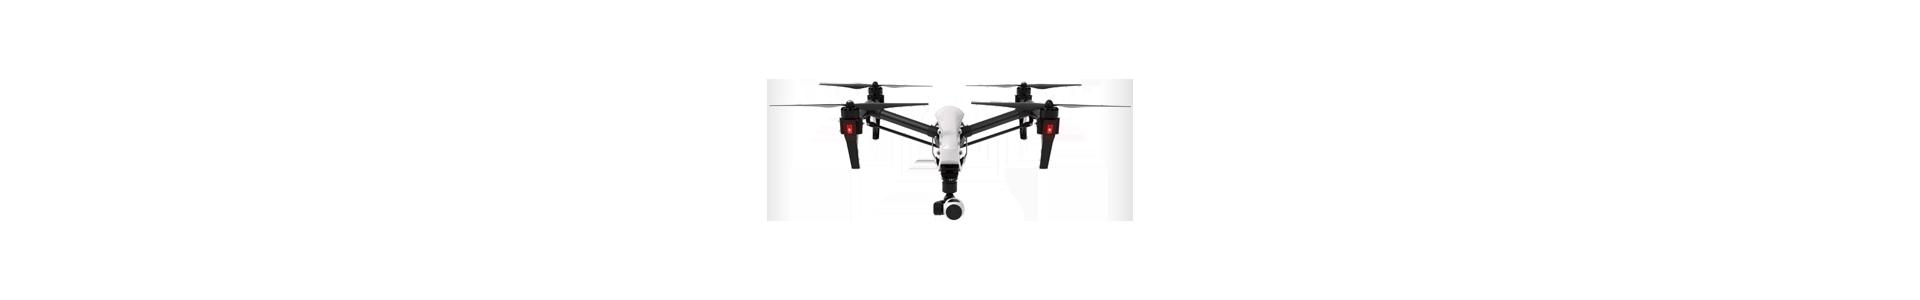 Commander pilotage d un drone et avis drone with camera follows you